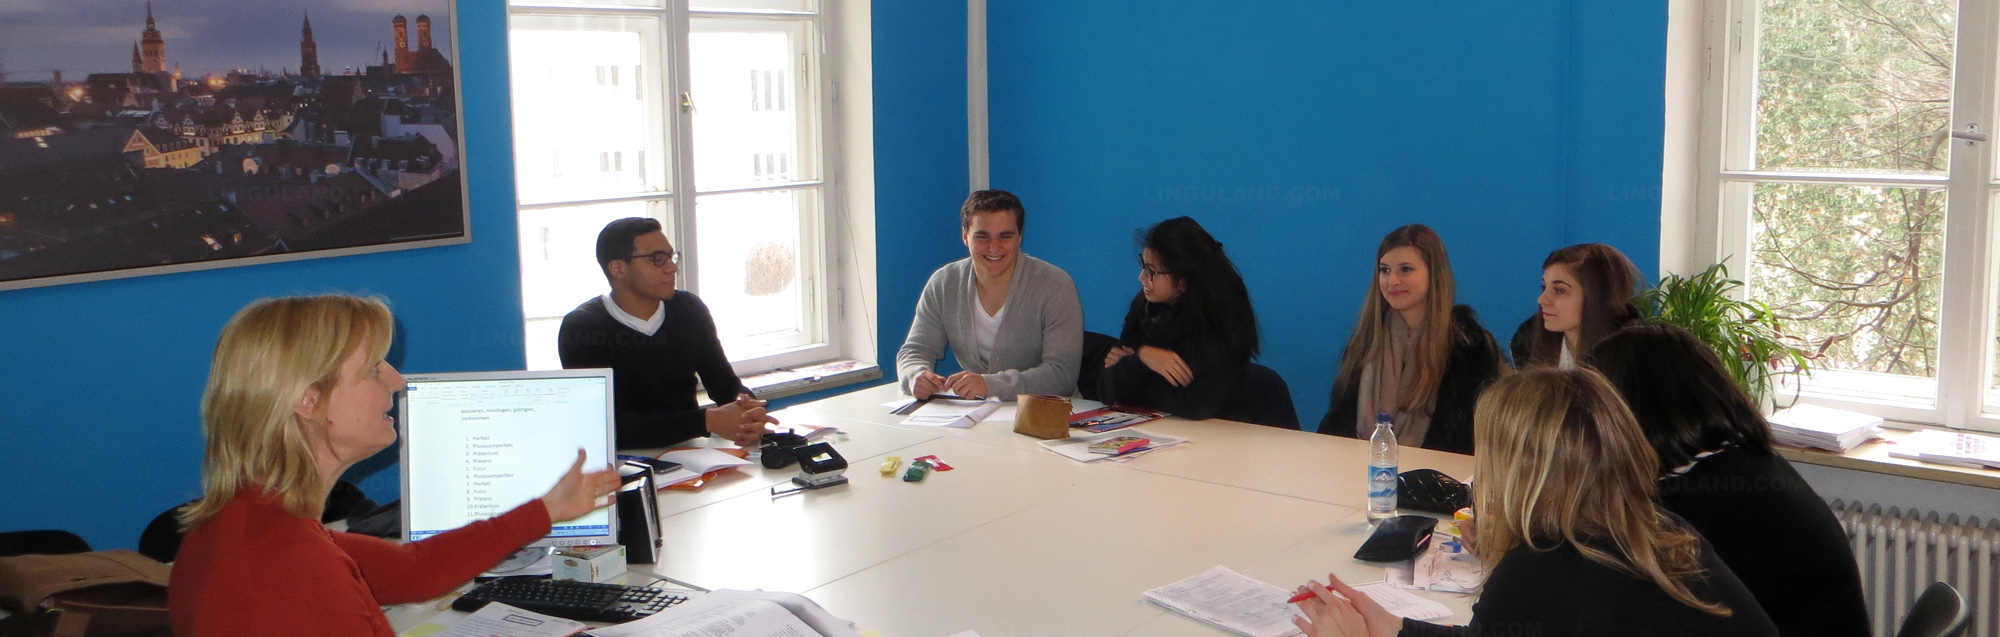 École de langue BWS Germanlingua München